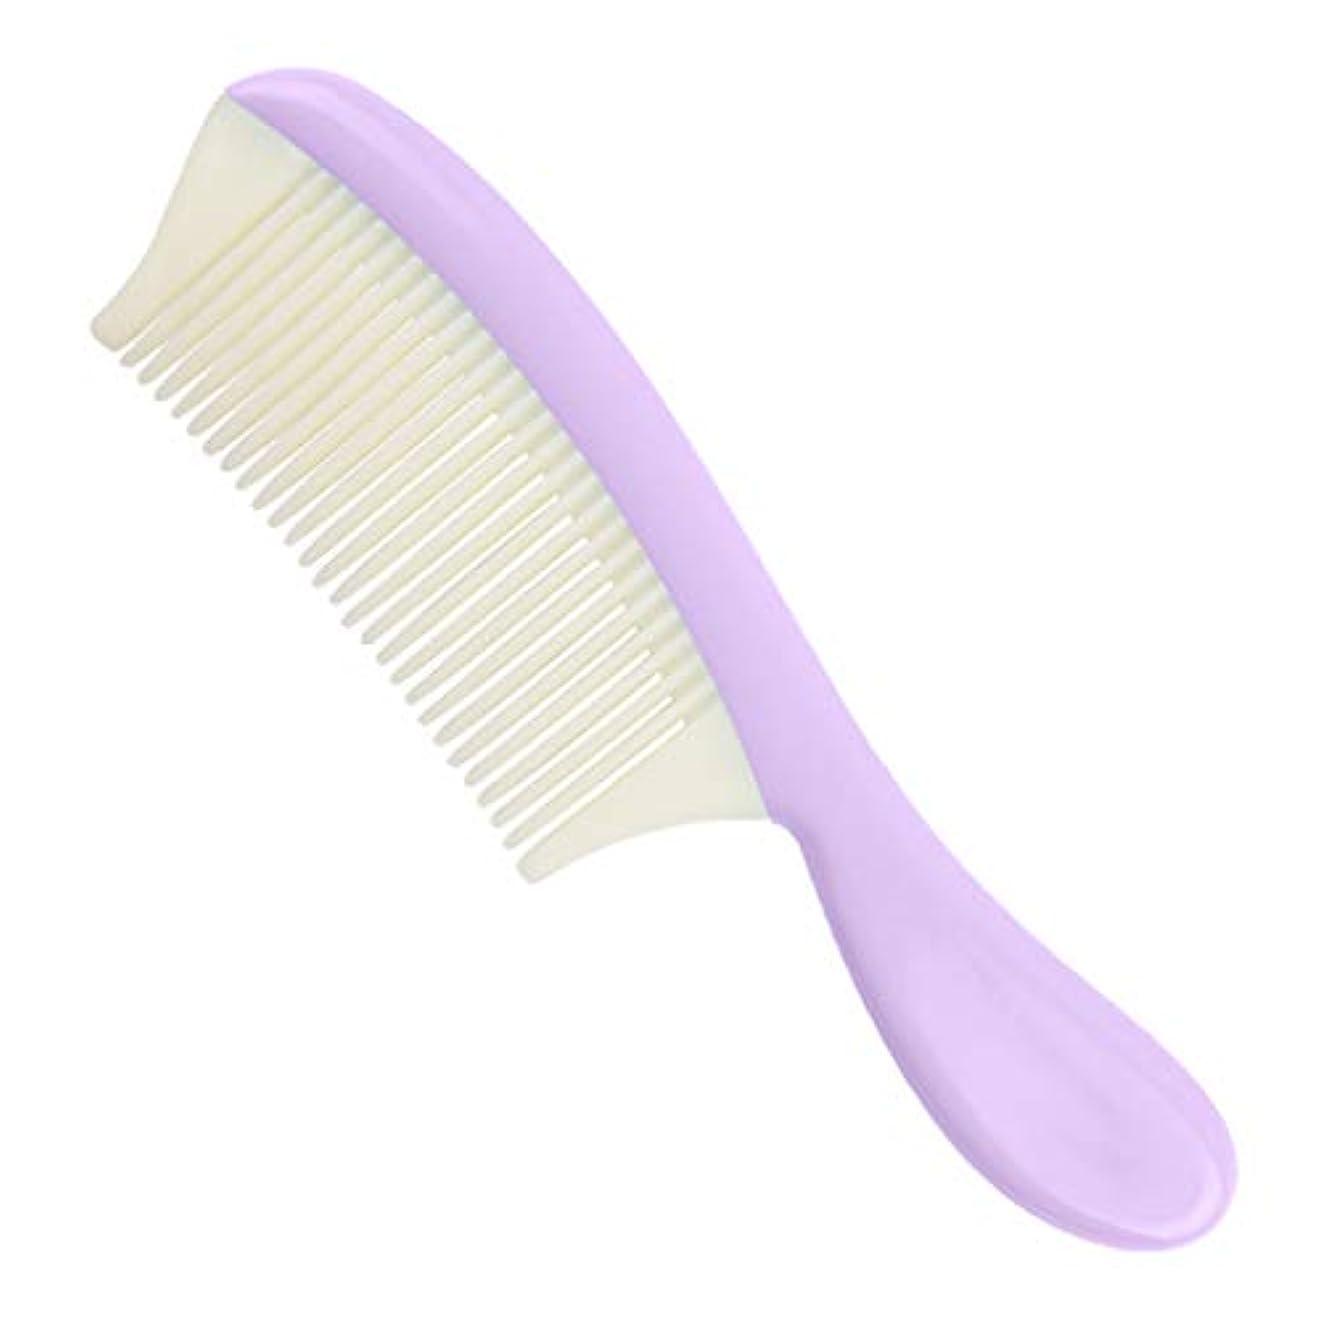 雹ライム補償gazechimp ヘアコーム 取り外し可能 細かい歯 ヘアブラシ 髪の櫛 全4色 - 紫